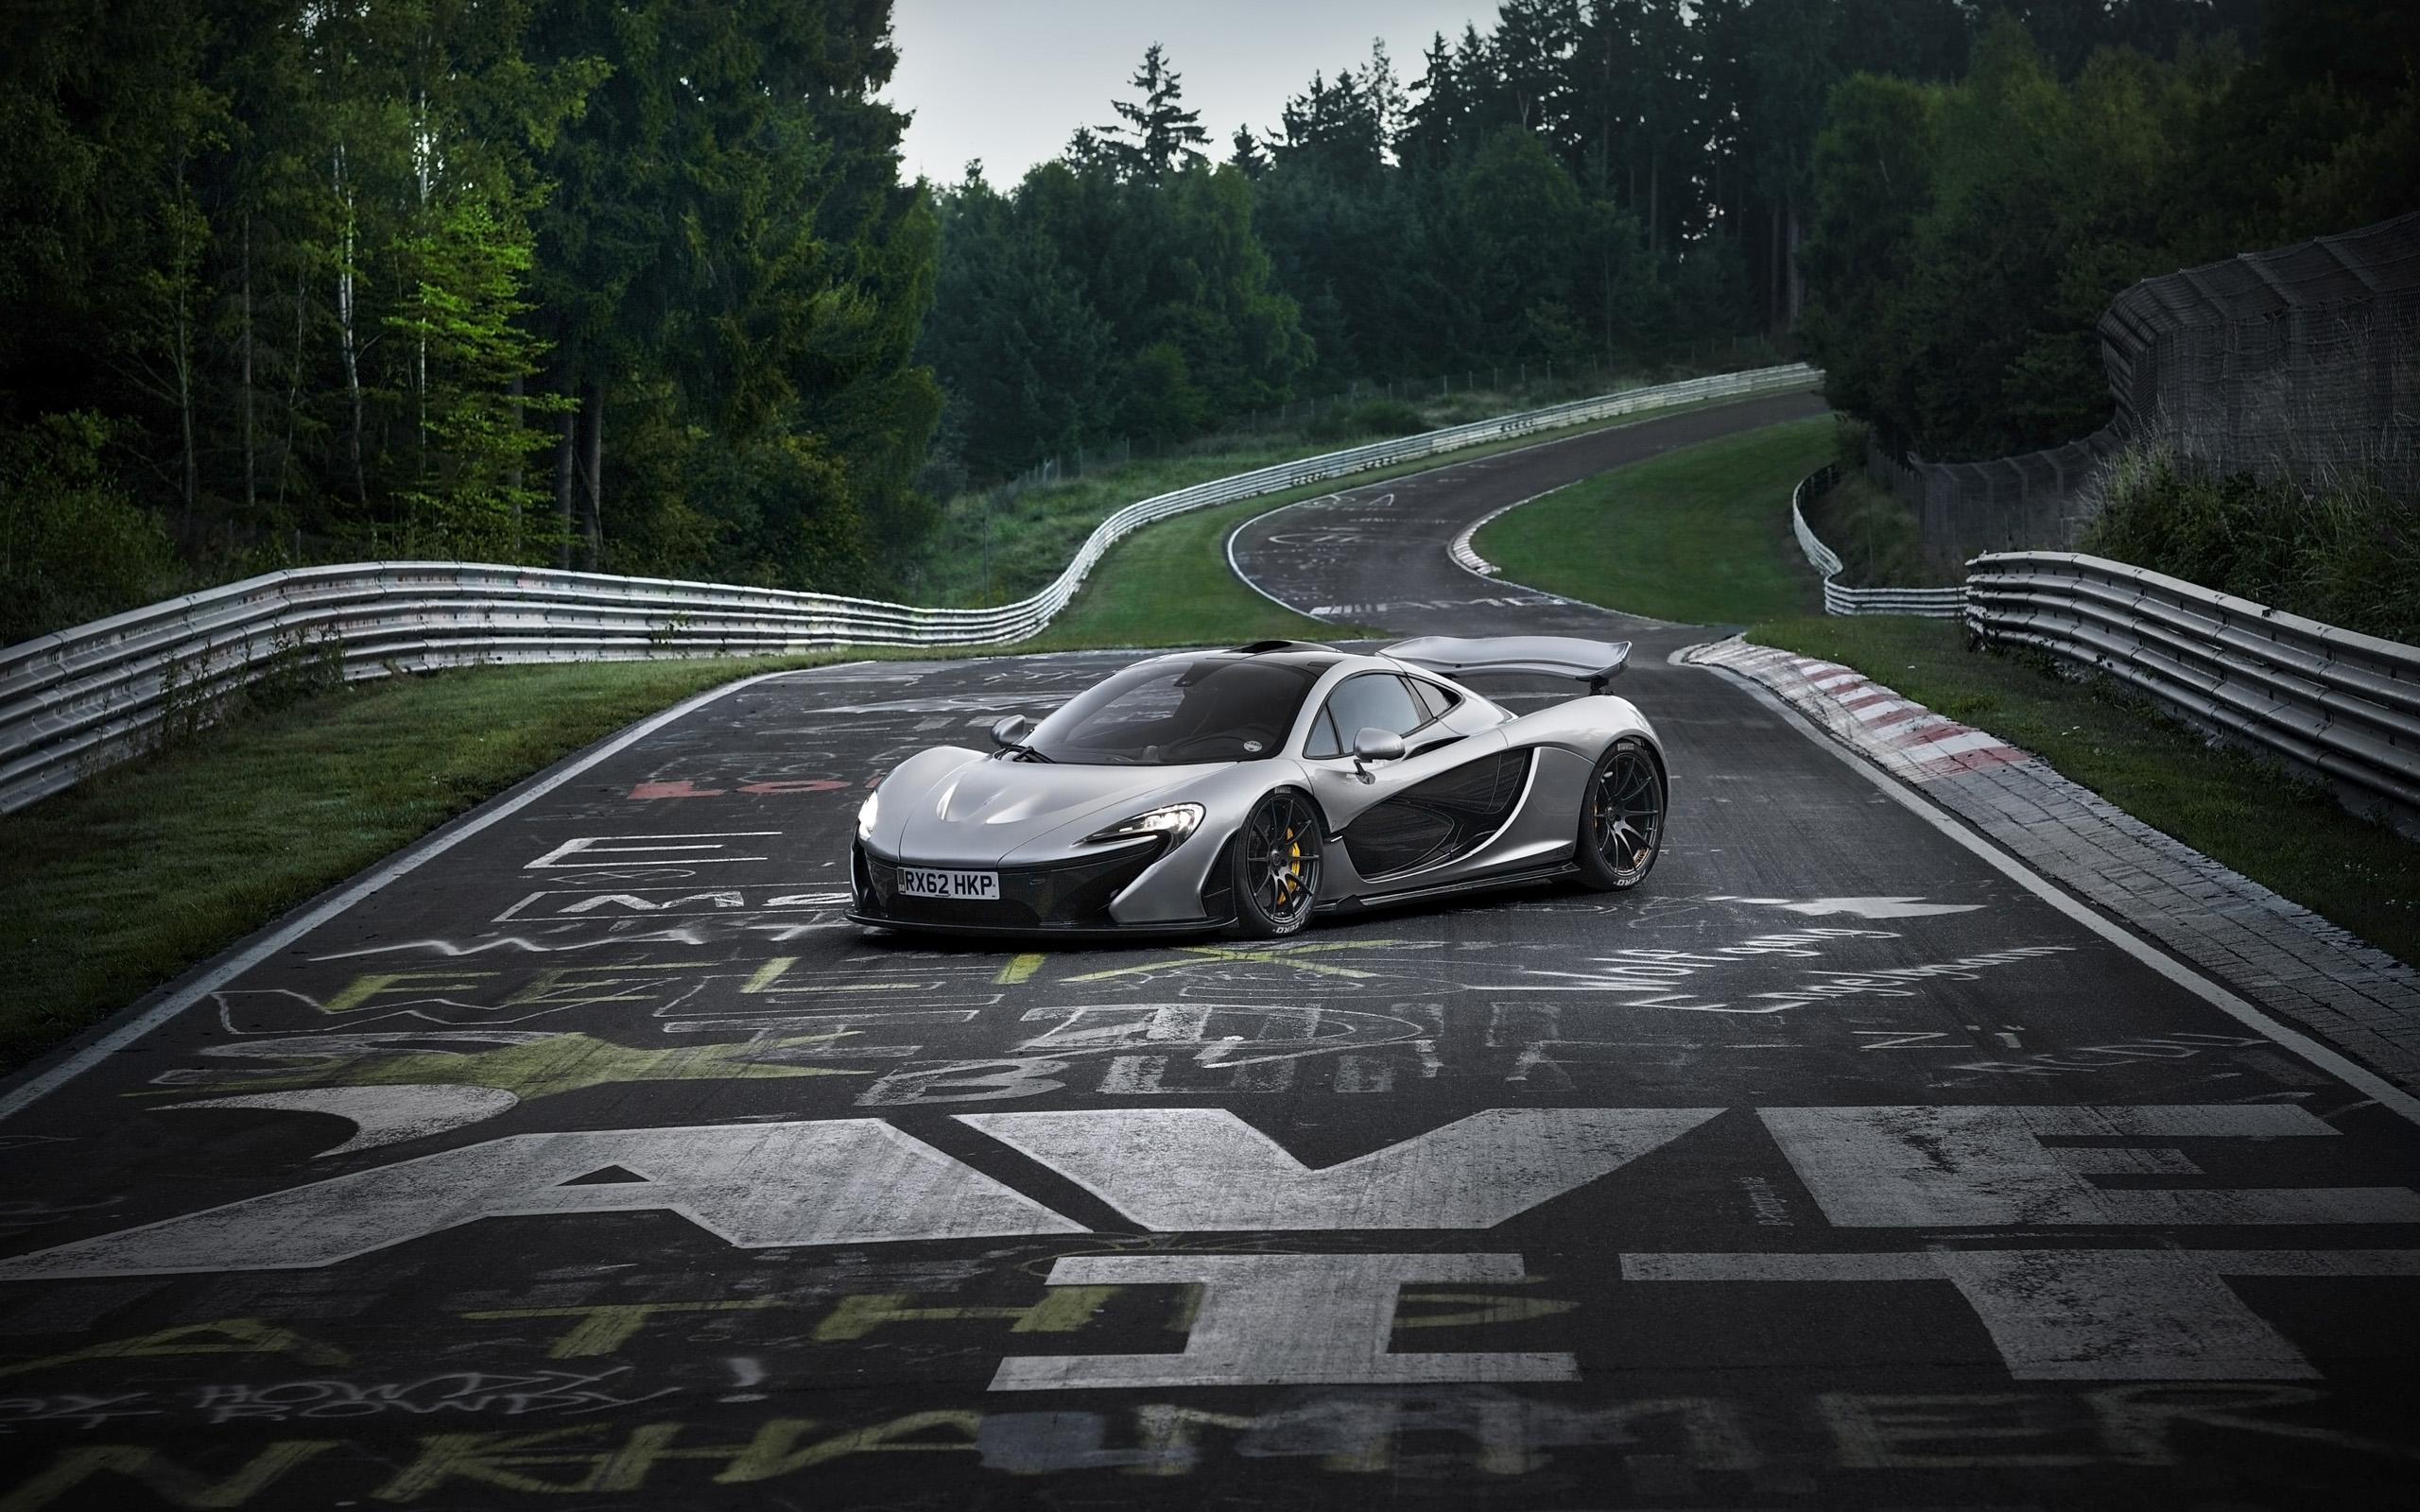 Circuito Nurburgring : Mclaren p nurburgring wallpaper hd car wallpapers